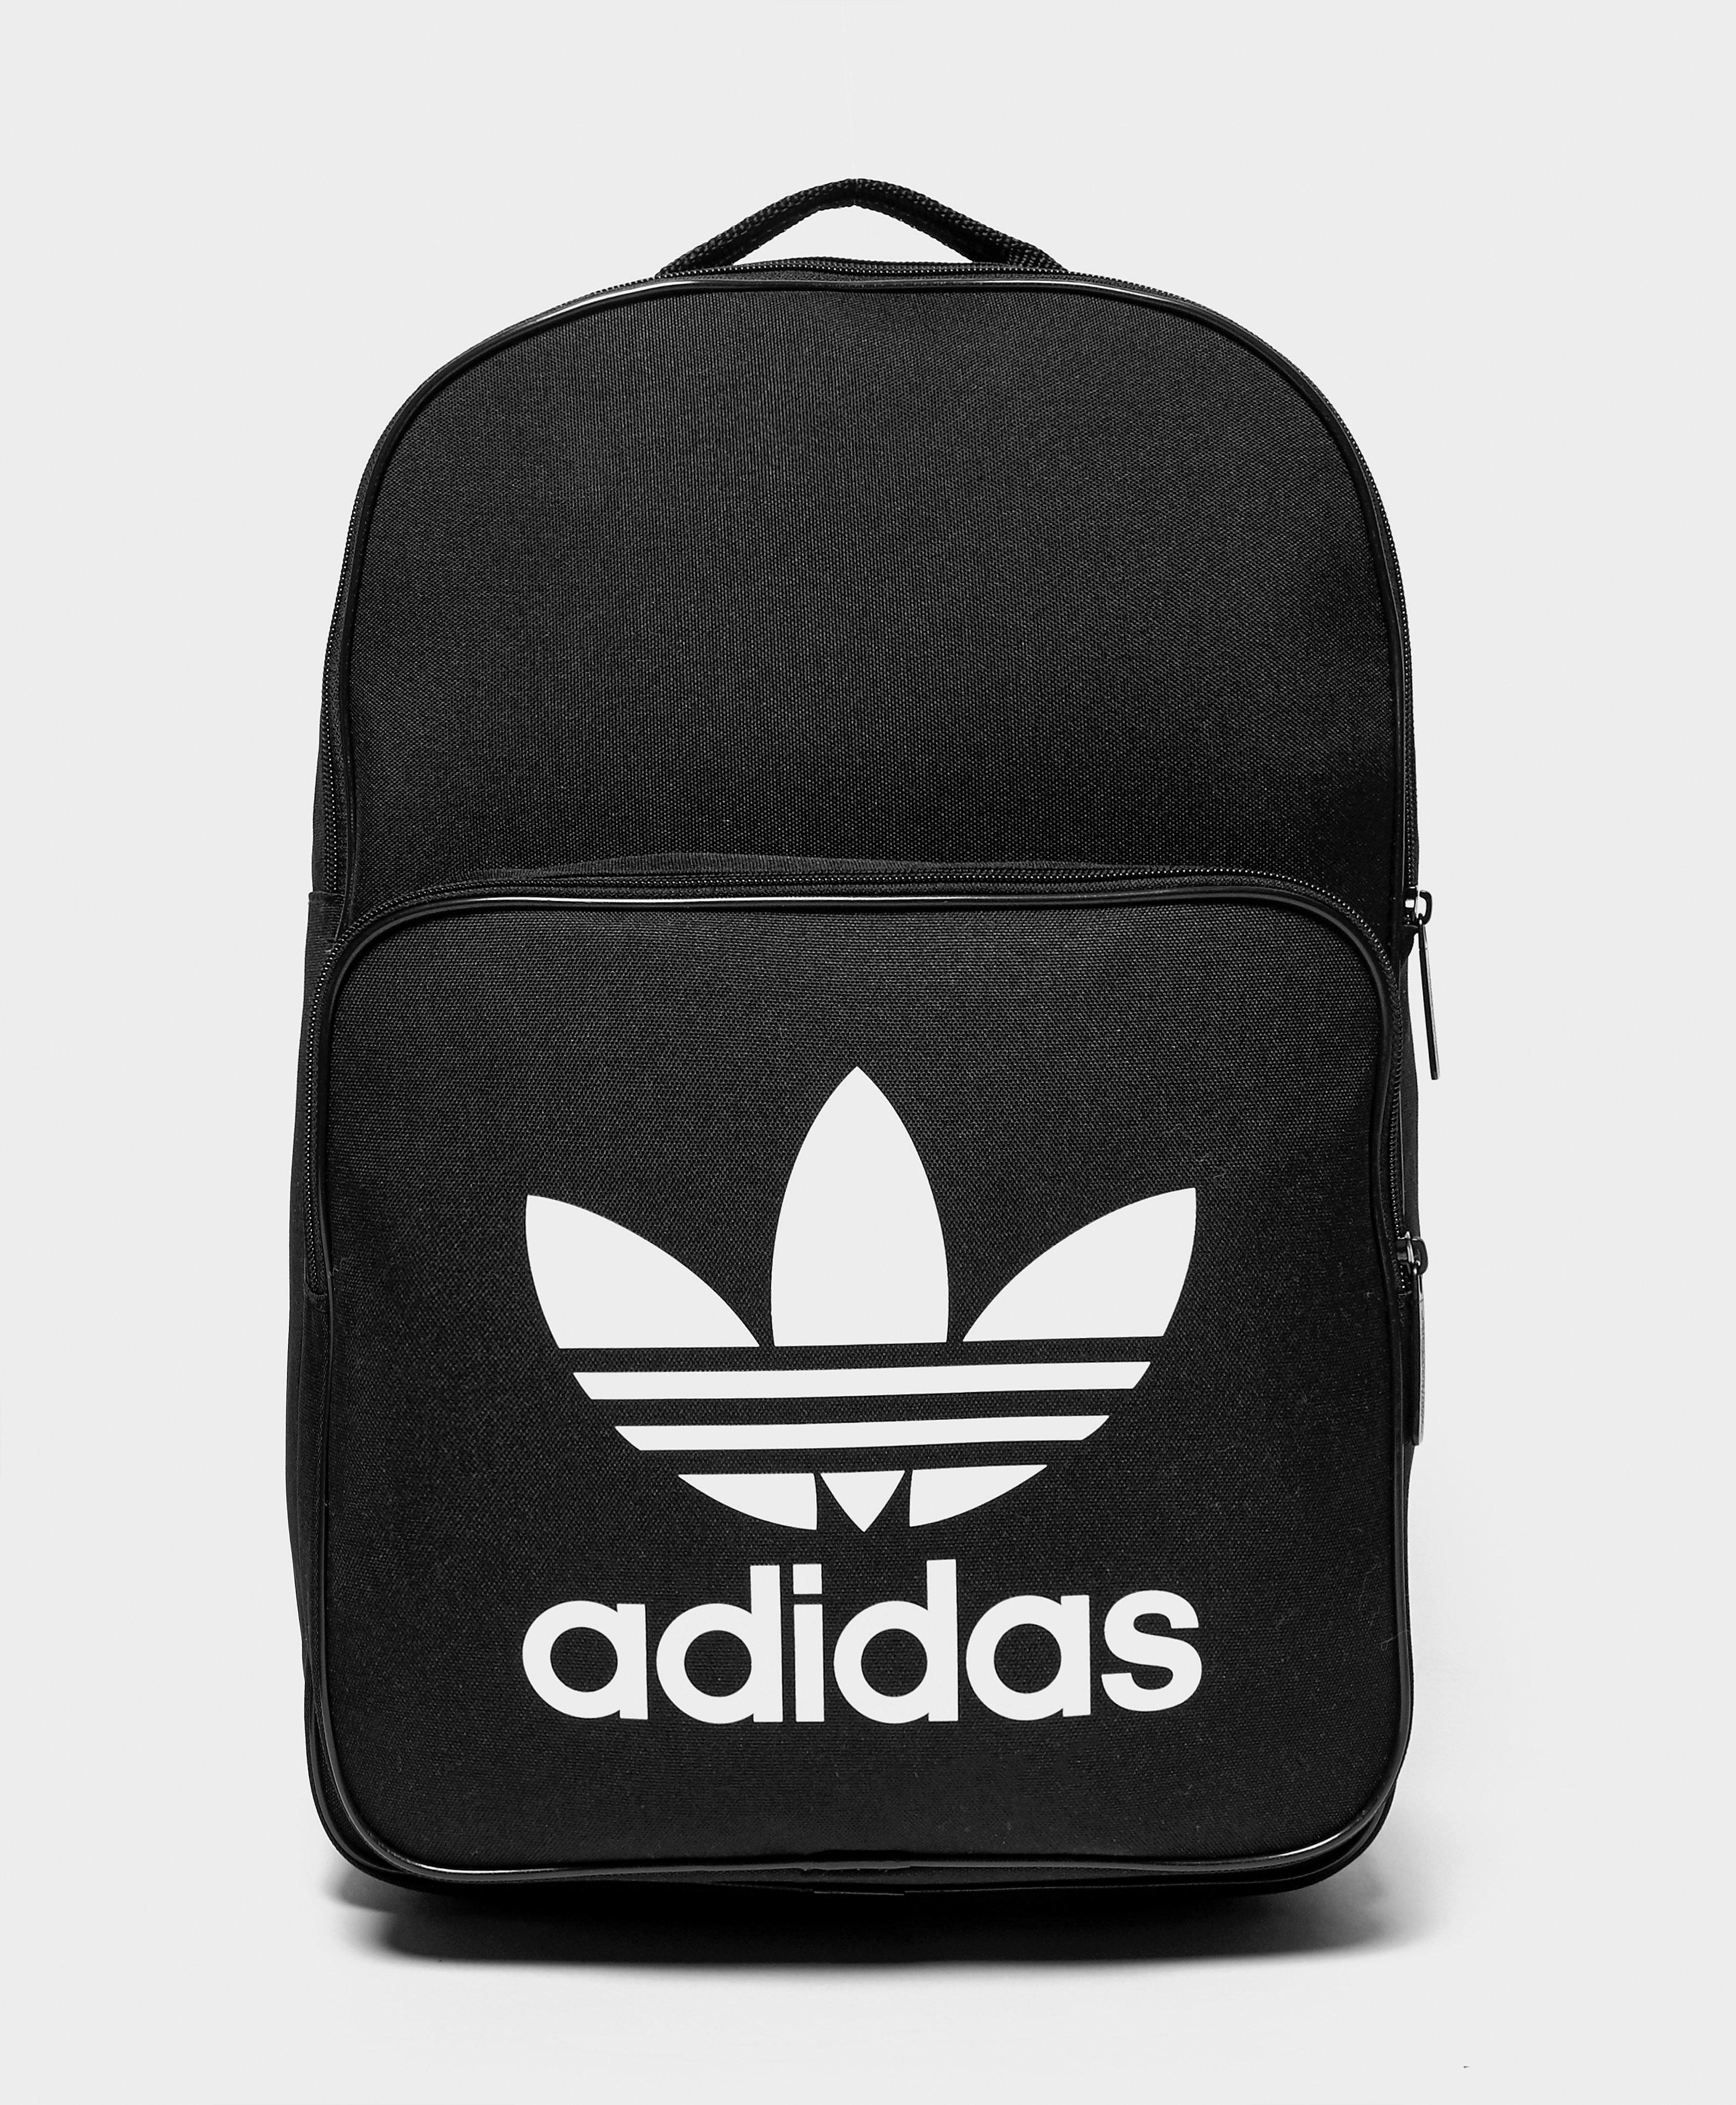 eaf89ac51d adidas Originals Classic Trefoil Backpack - Black